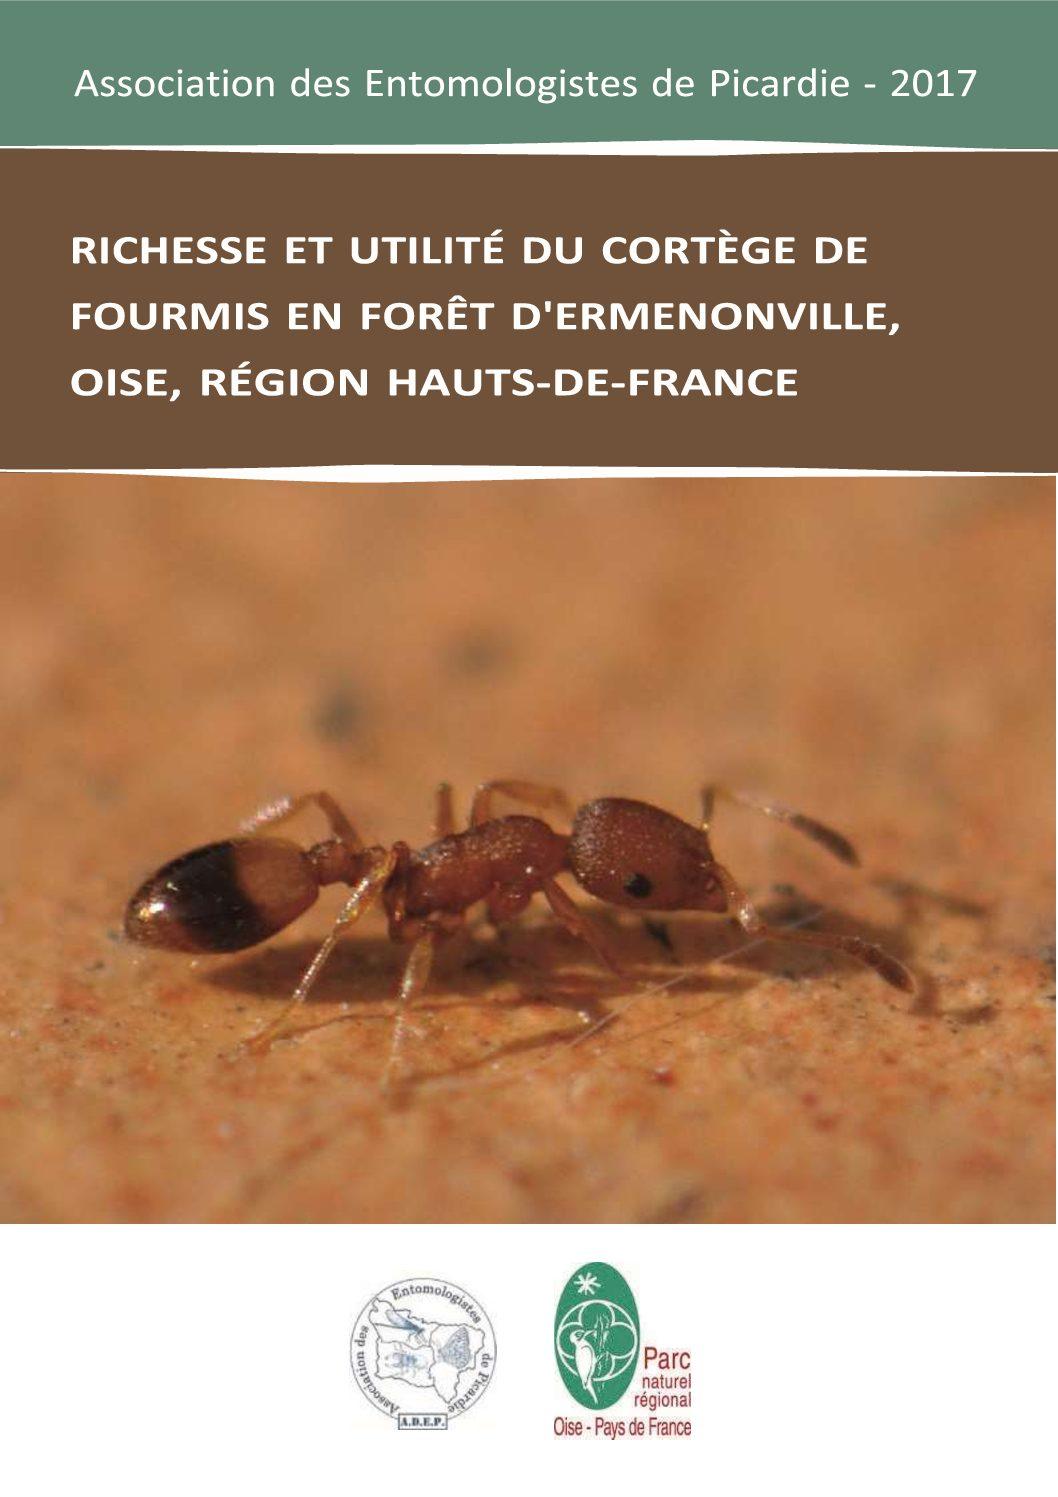 Rapport d'étude : richesse et utilité du cortège de fourmis en forêt d'Ermenonville, 2017